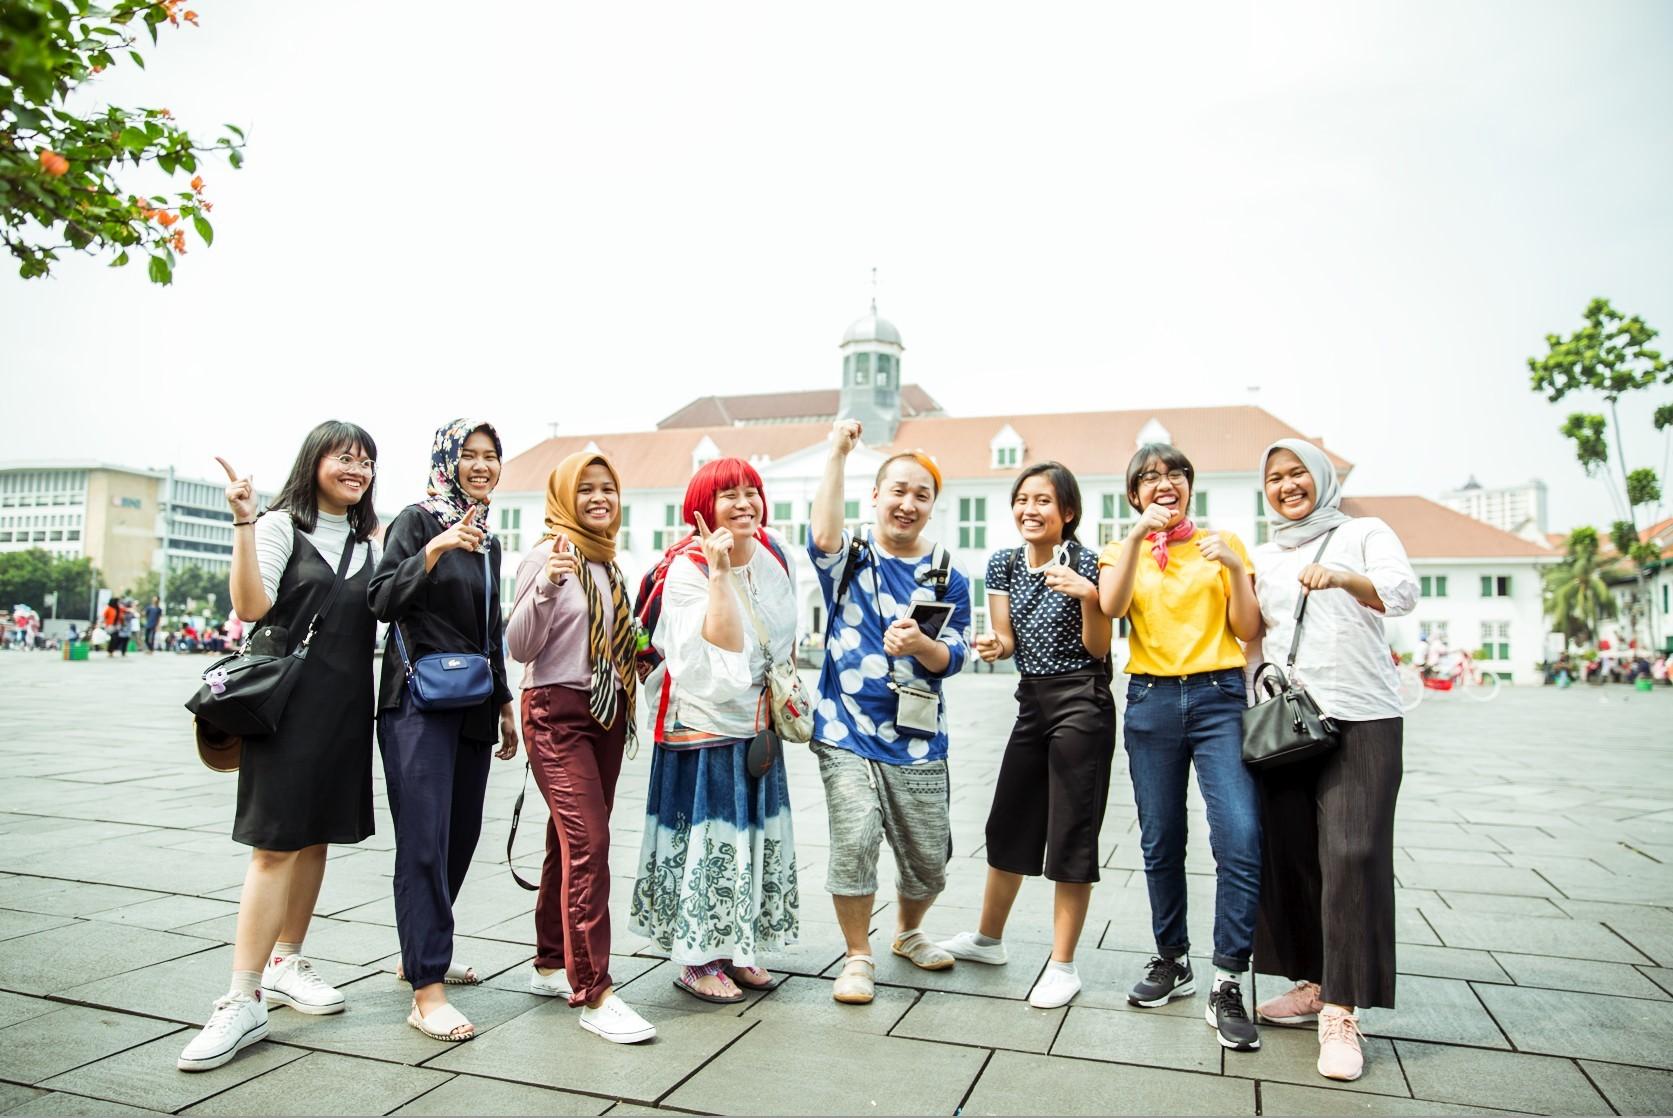 インタビュー後記念撮影@Museum Sejarah Jakarta